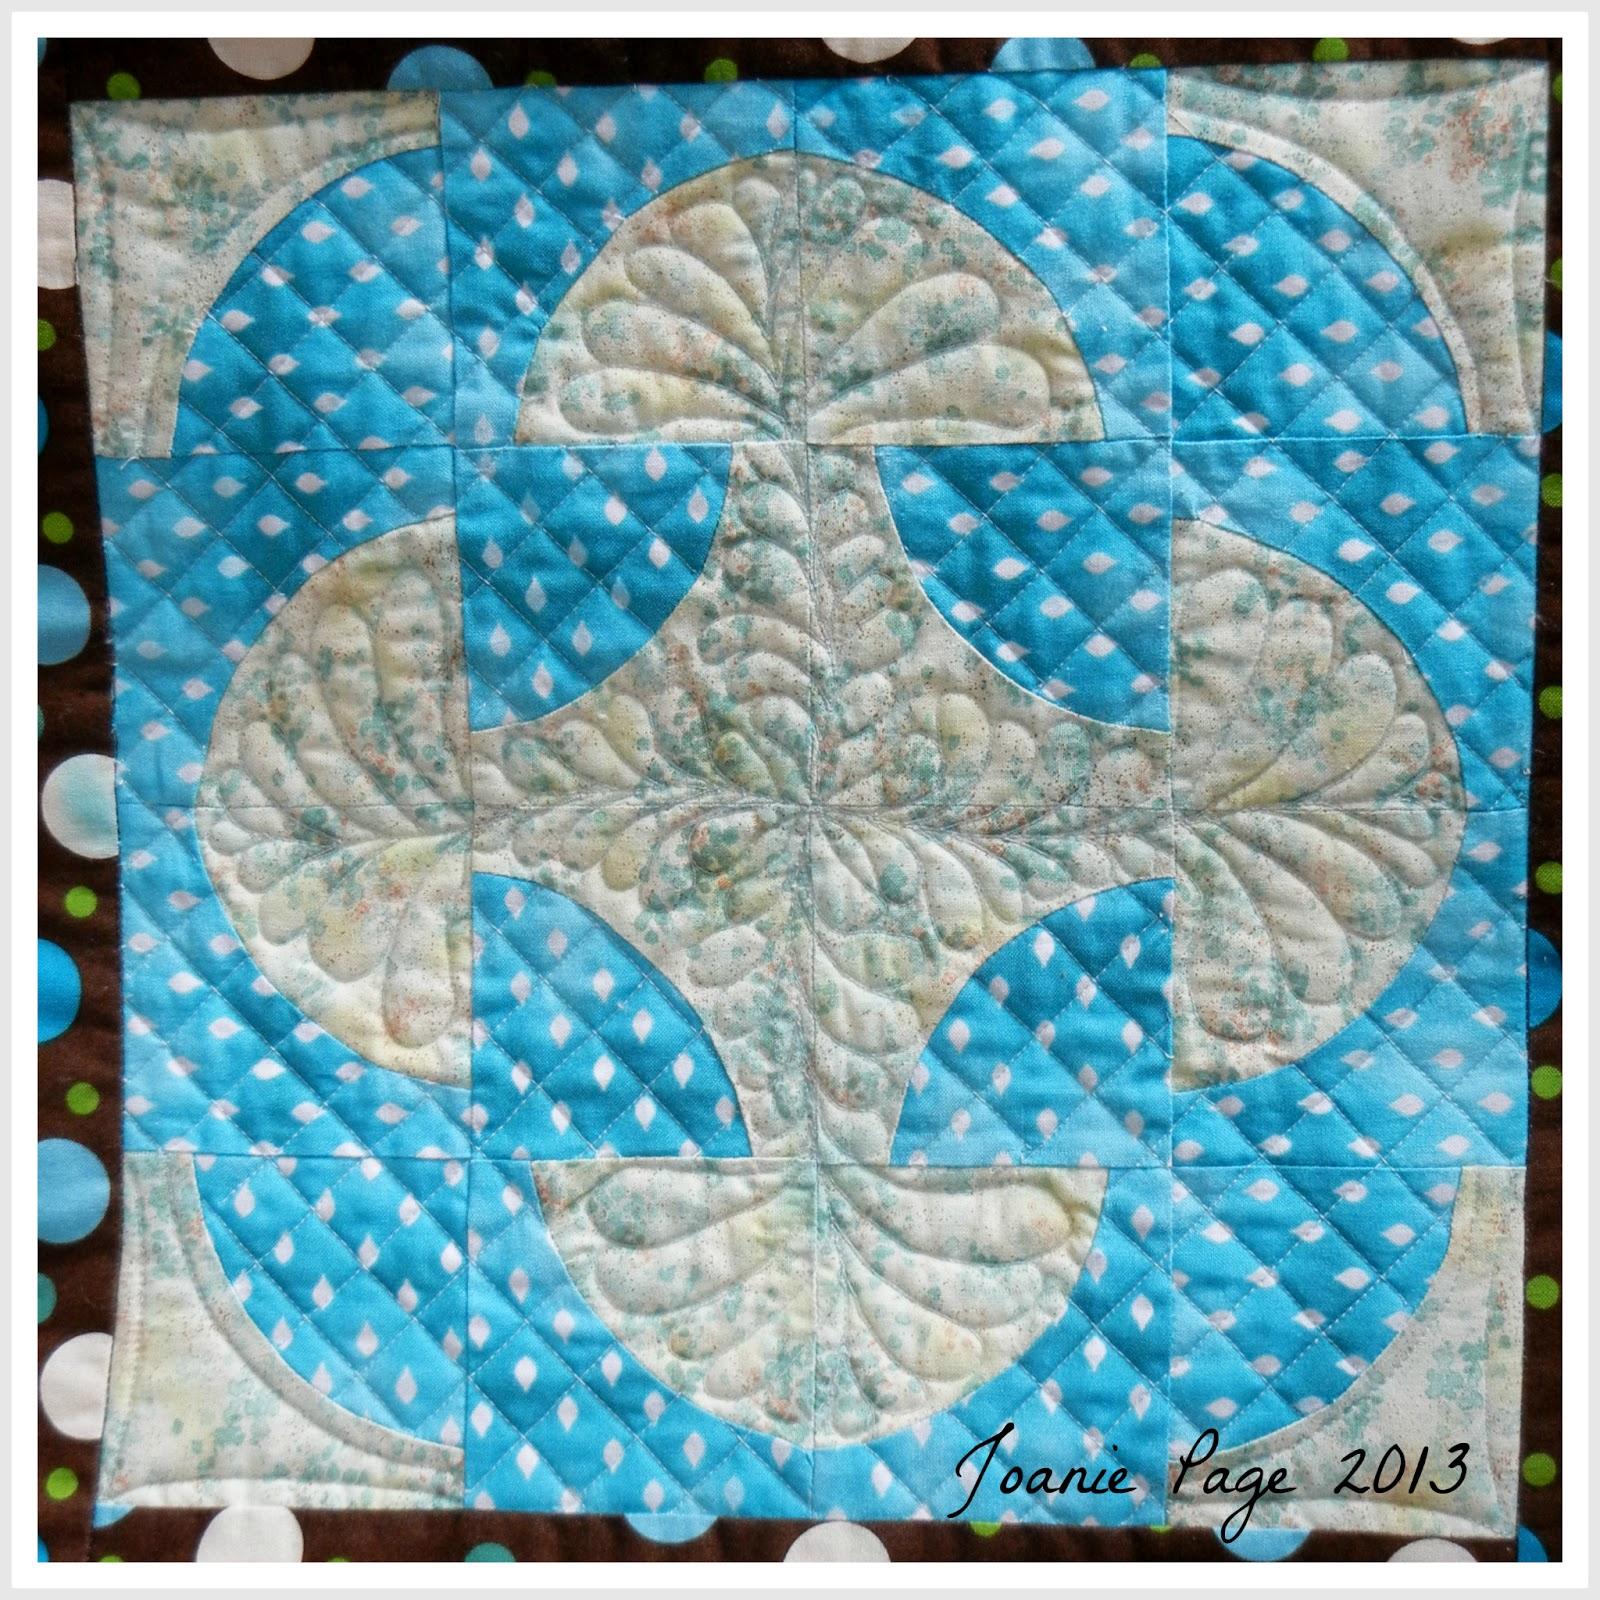 Cleopatra s fan quilt video myideasbedroom com